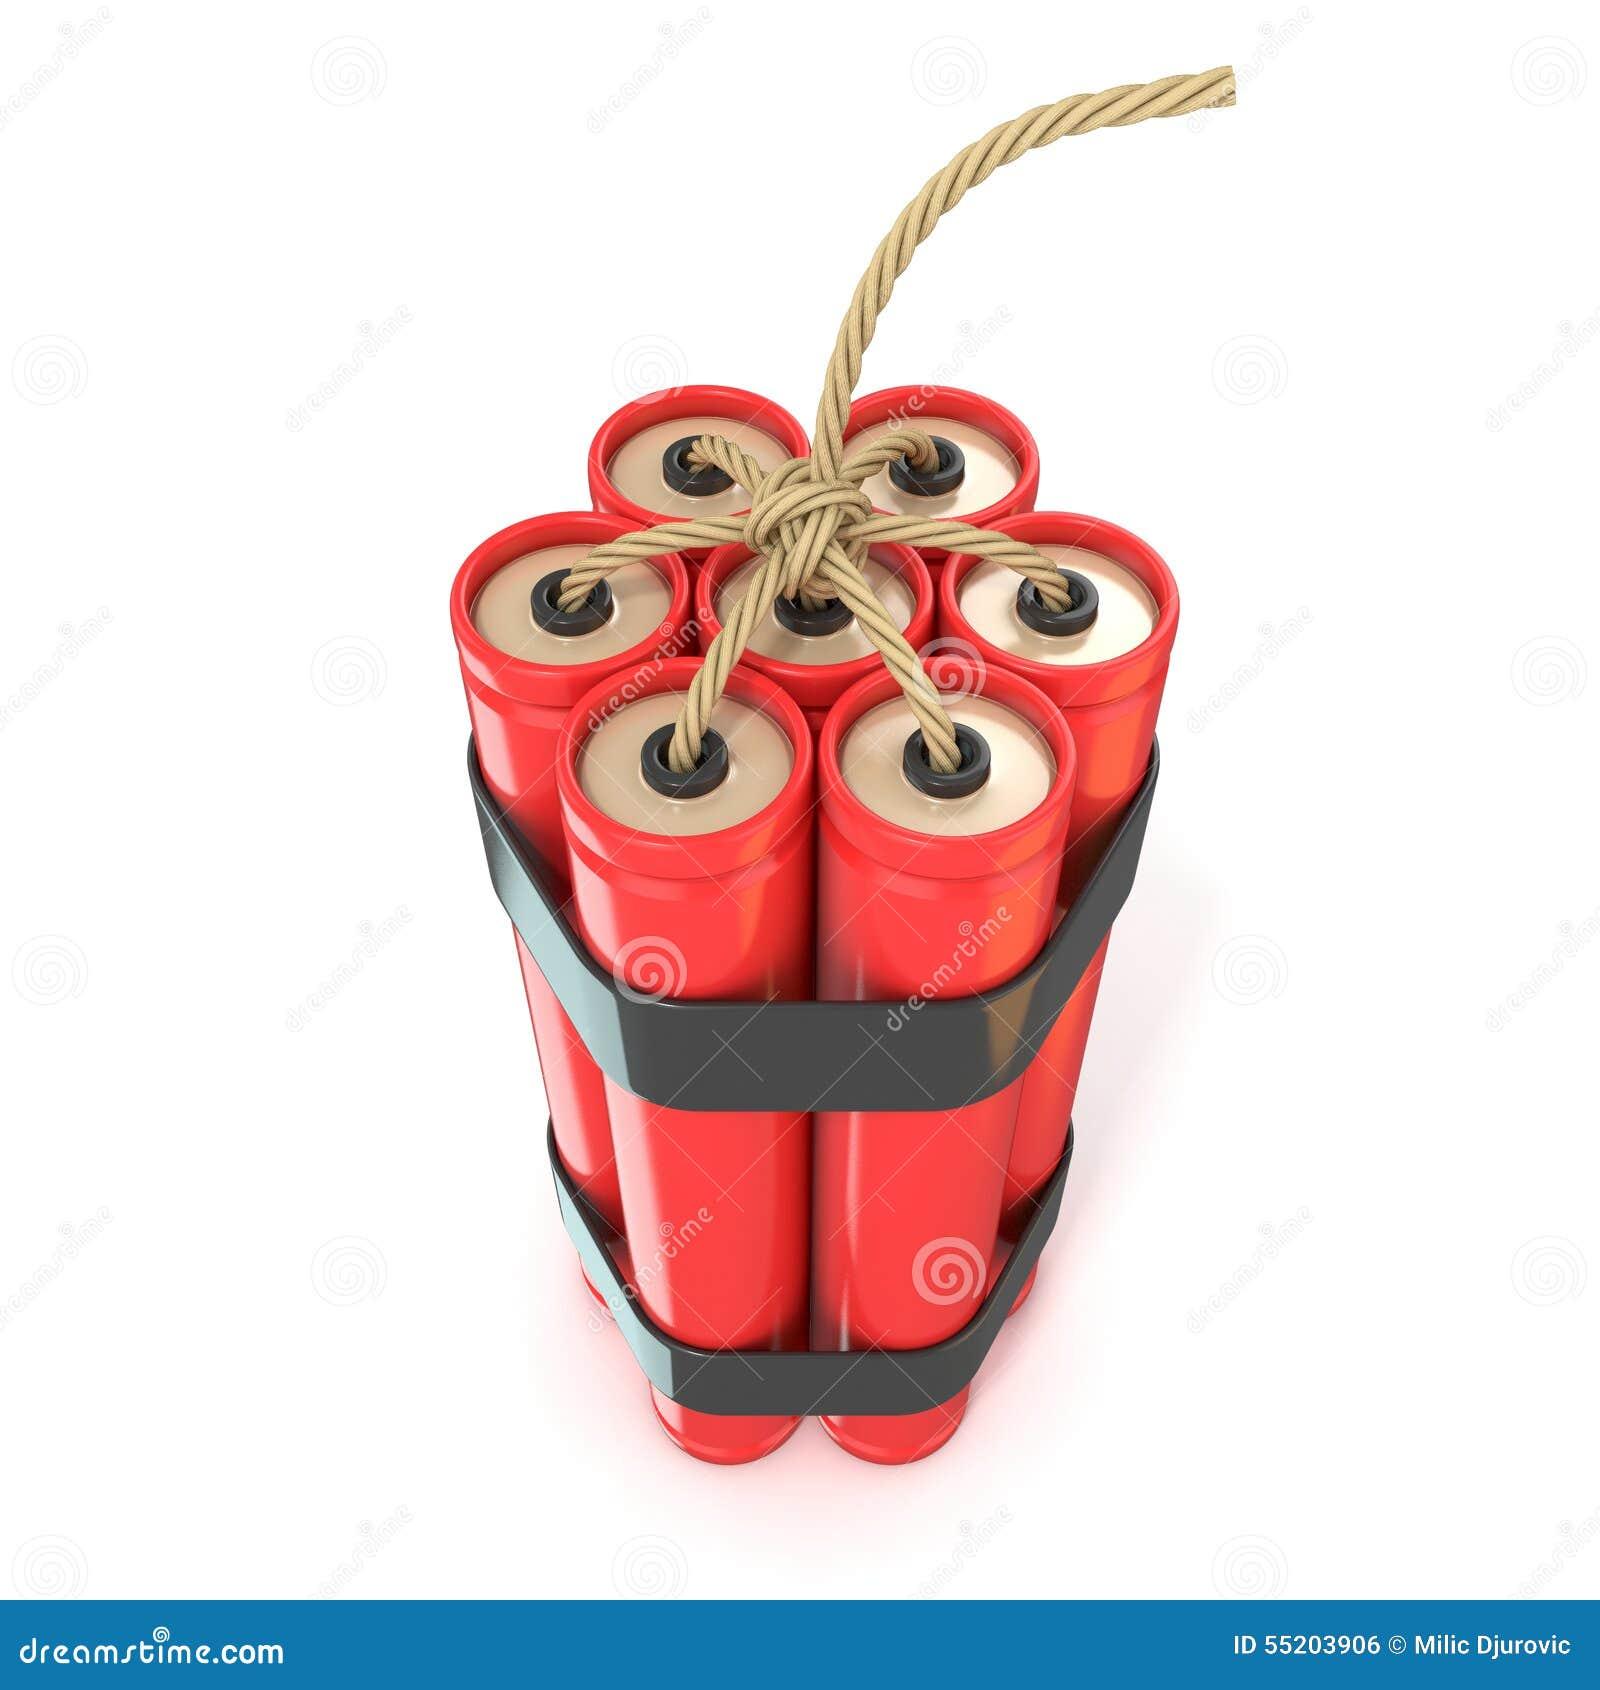 red dynamite bunch cartoon vector cartoondealer com cartoon firecracker clipart Fireworks Vector Clip Art